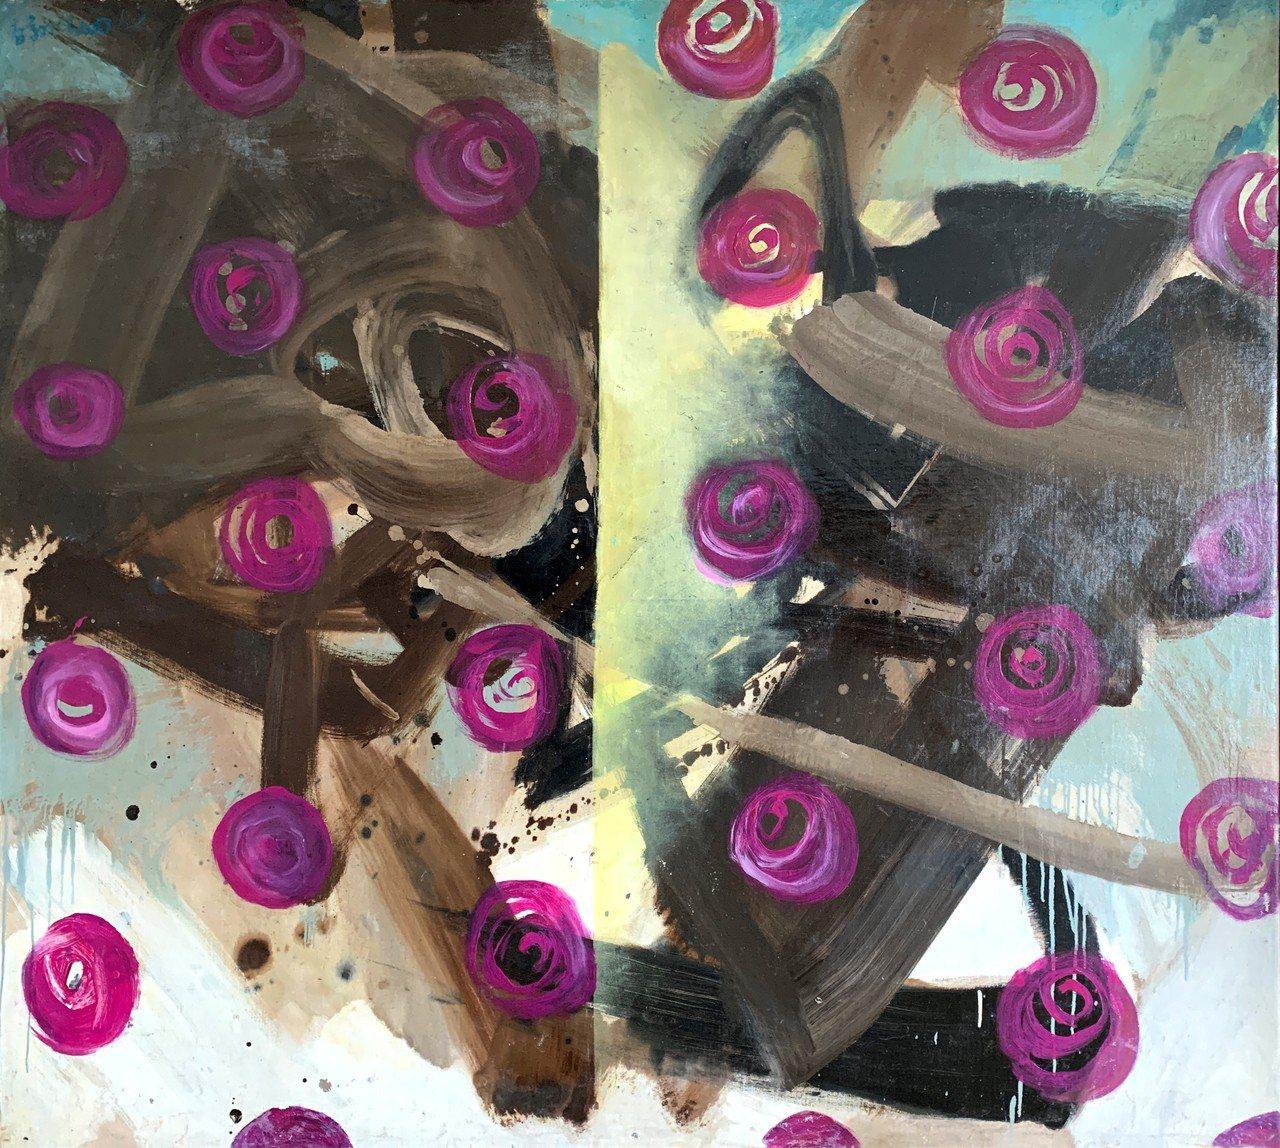 趙春翔的作品《玫瑰風暴》。圖╱典藏藝術提供